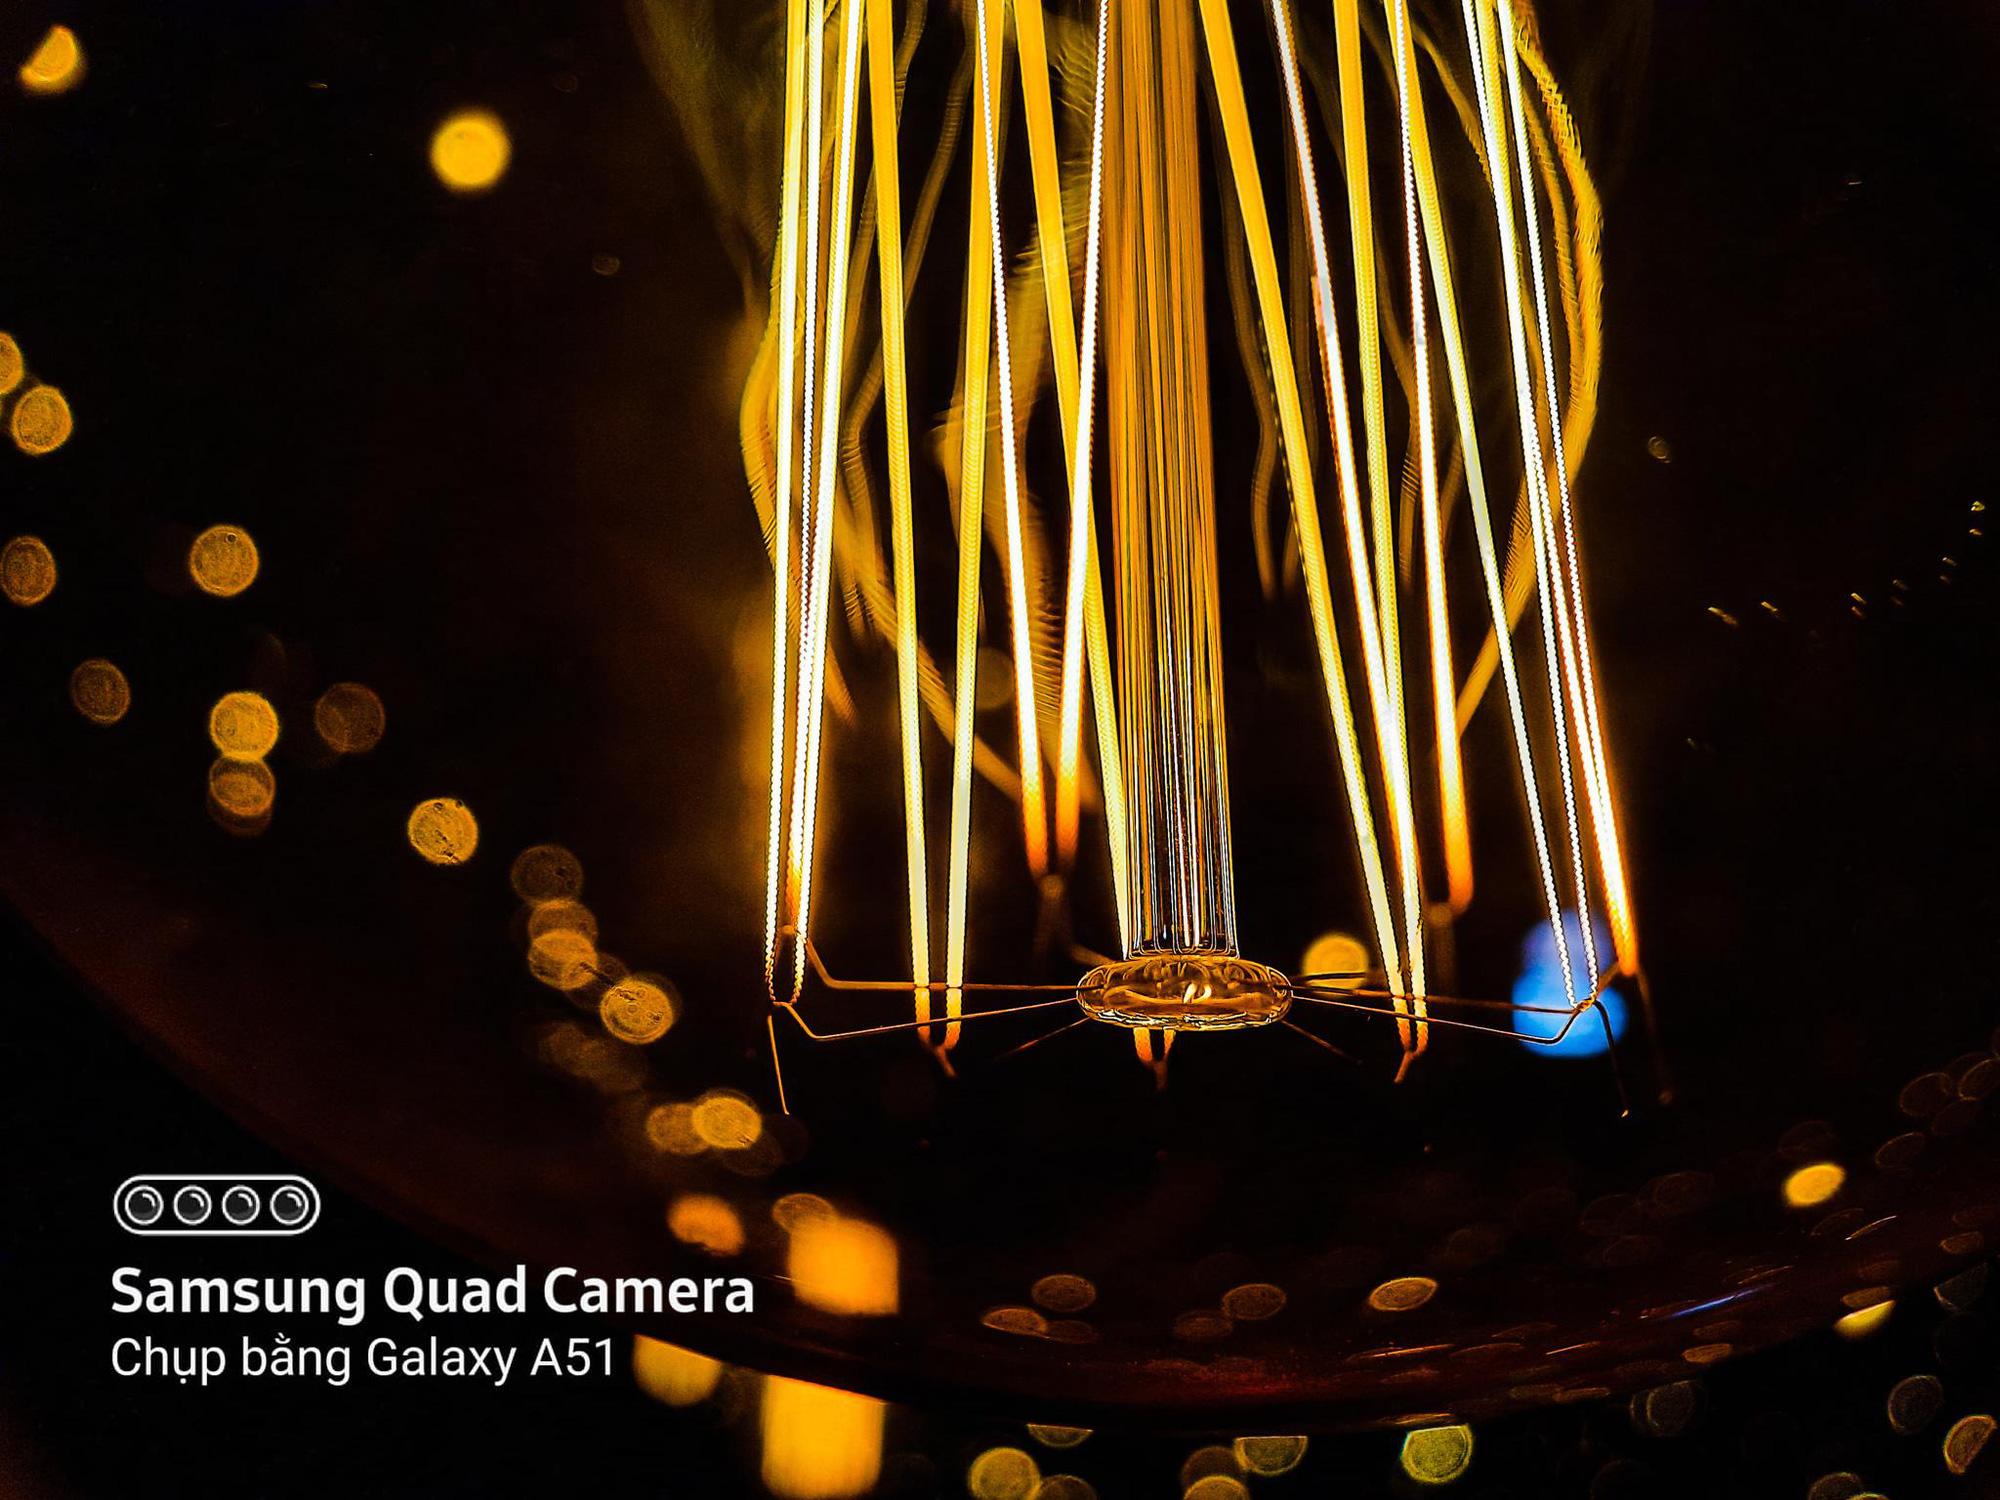 Vẫn những đồ vật quen thuộc thôi nhưng qua ống kính macro trên Galaxy A51 nhìn khác hoàn toàn, xem là thấy ngay! - Ảnh 6.